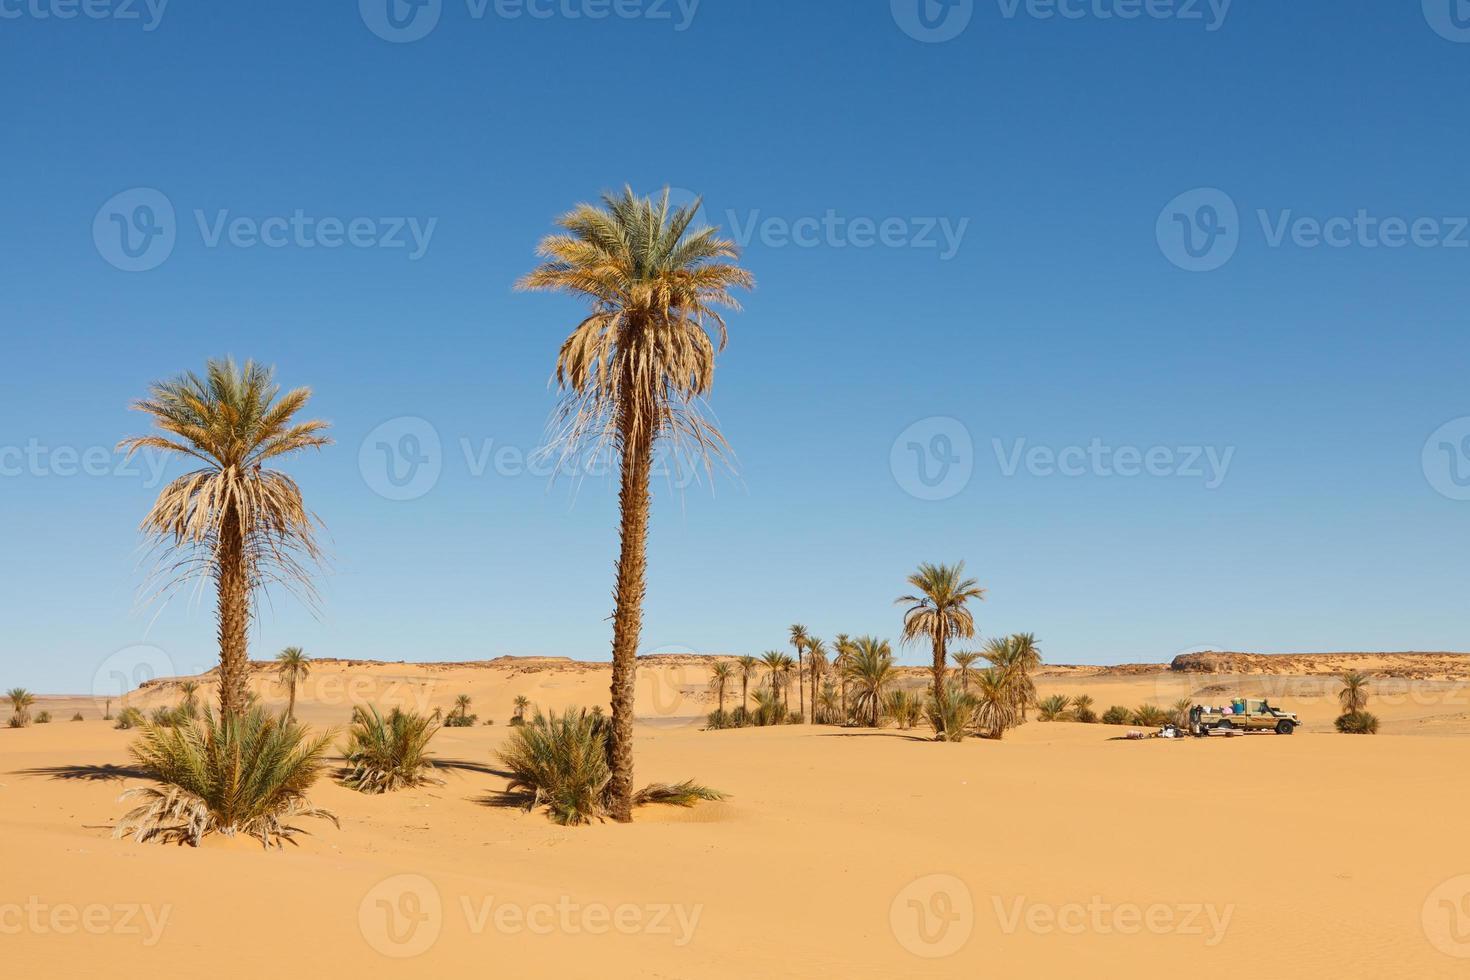 LKW in der Wüste foto